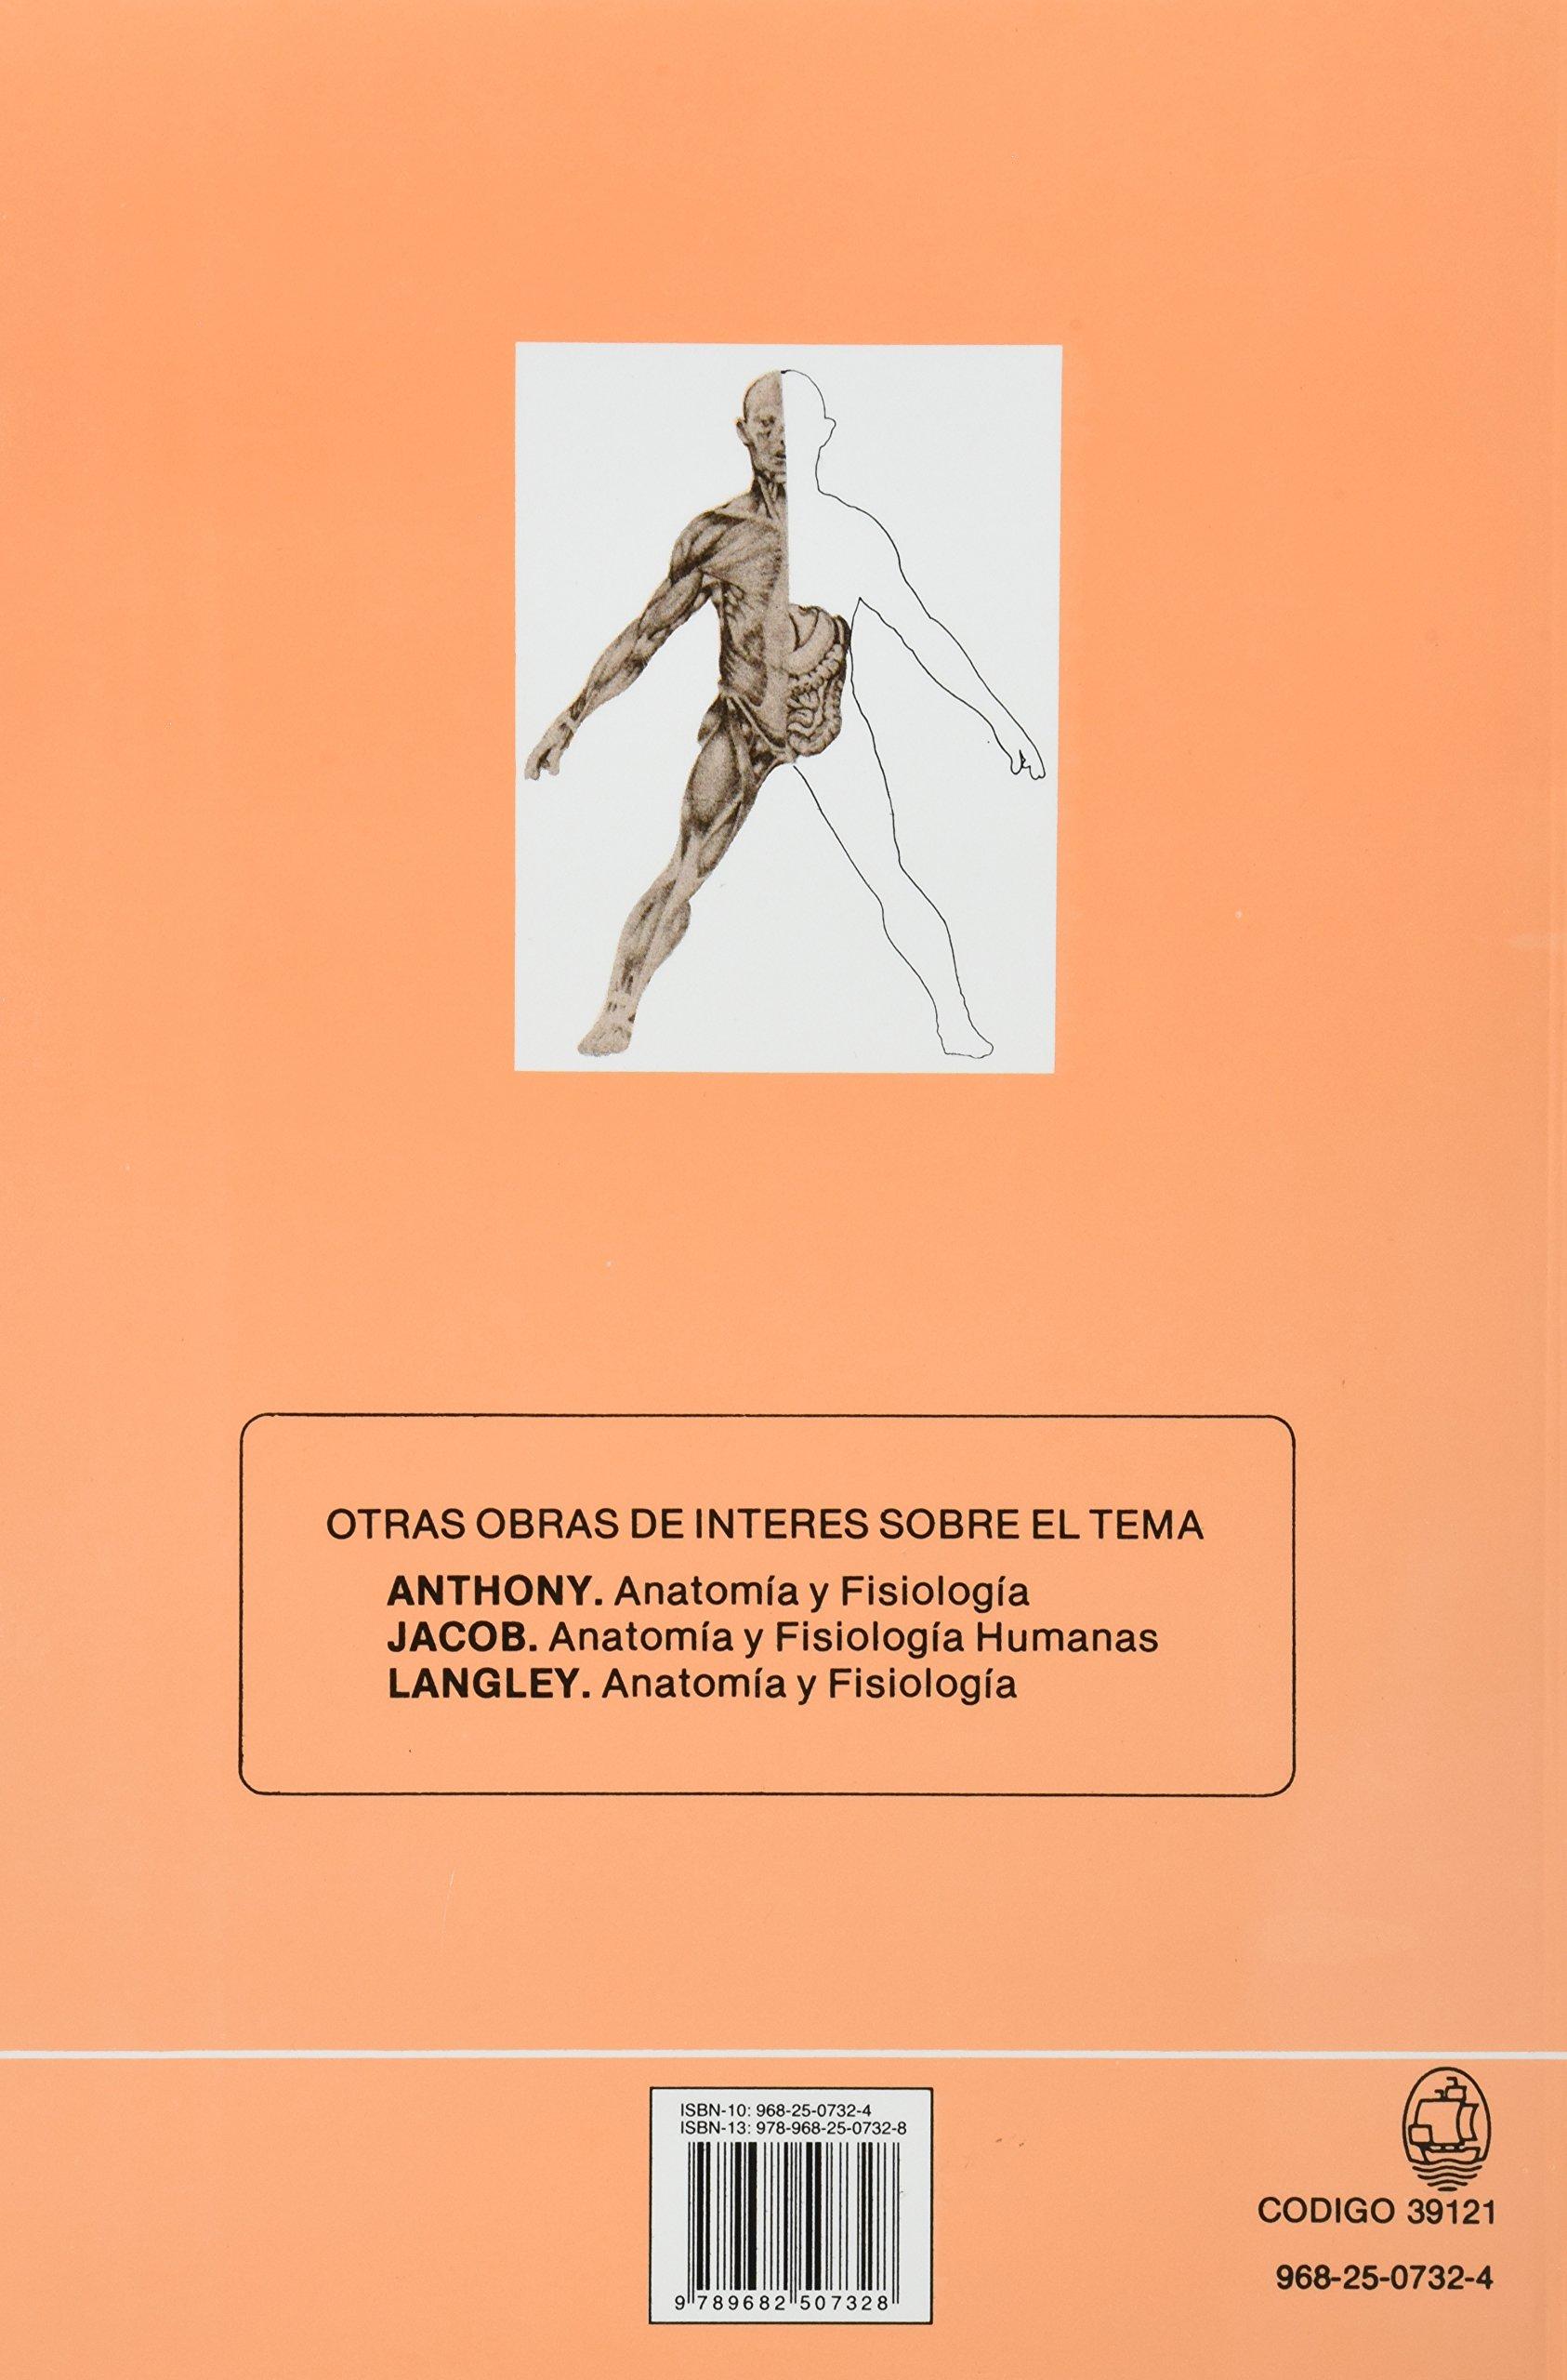 Anatomia Y Fisiologia Humana 3/E: Charlote Dienhart: Amazon.com.mx ...